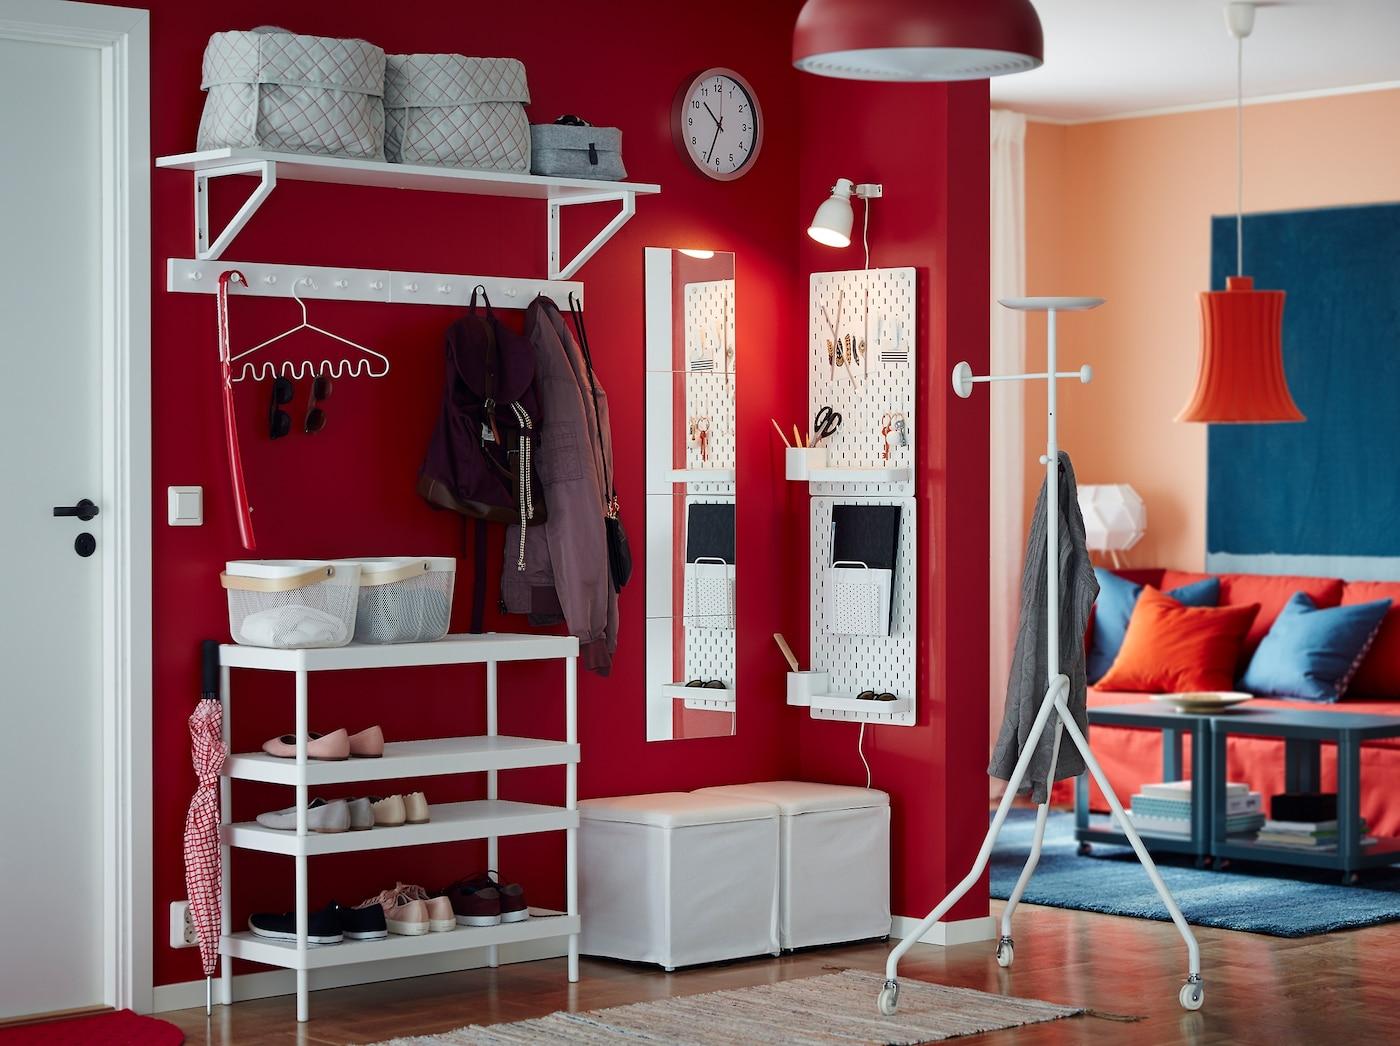 Combina el zapatero apilable MACKAPÄR con un estante de pared blanco, un taburete y un tablero de clavijas para proporcionar un lugar a sus zapatos, abrigos y artículos más pequeños en el recibidor.